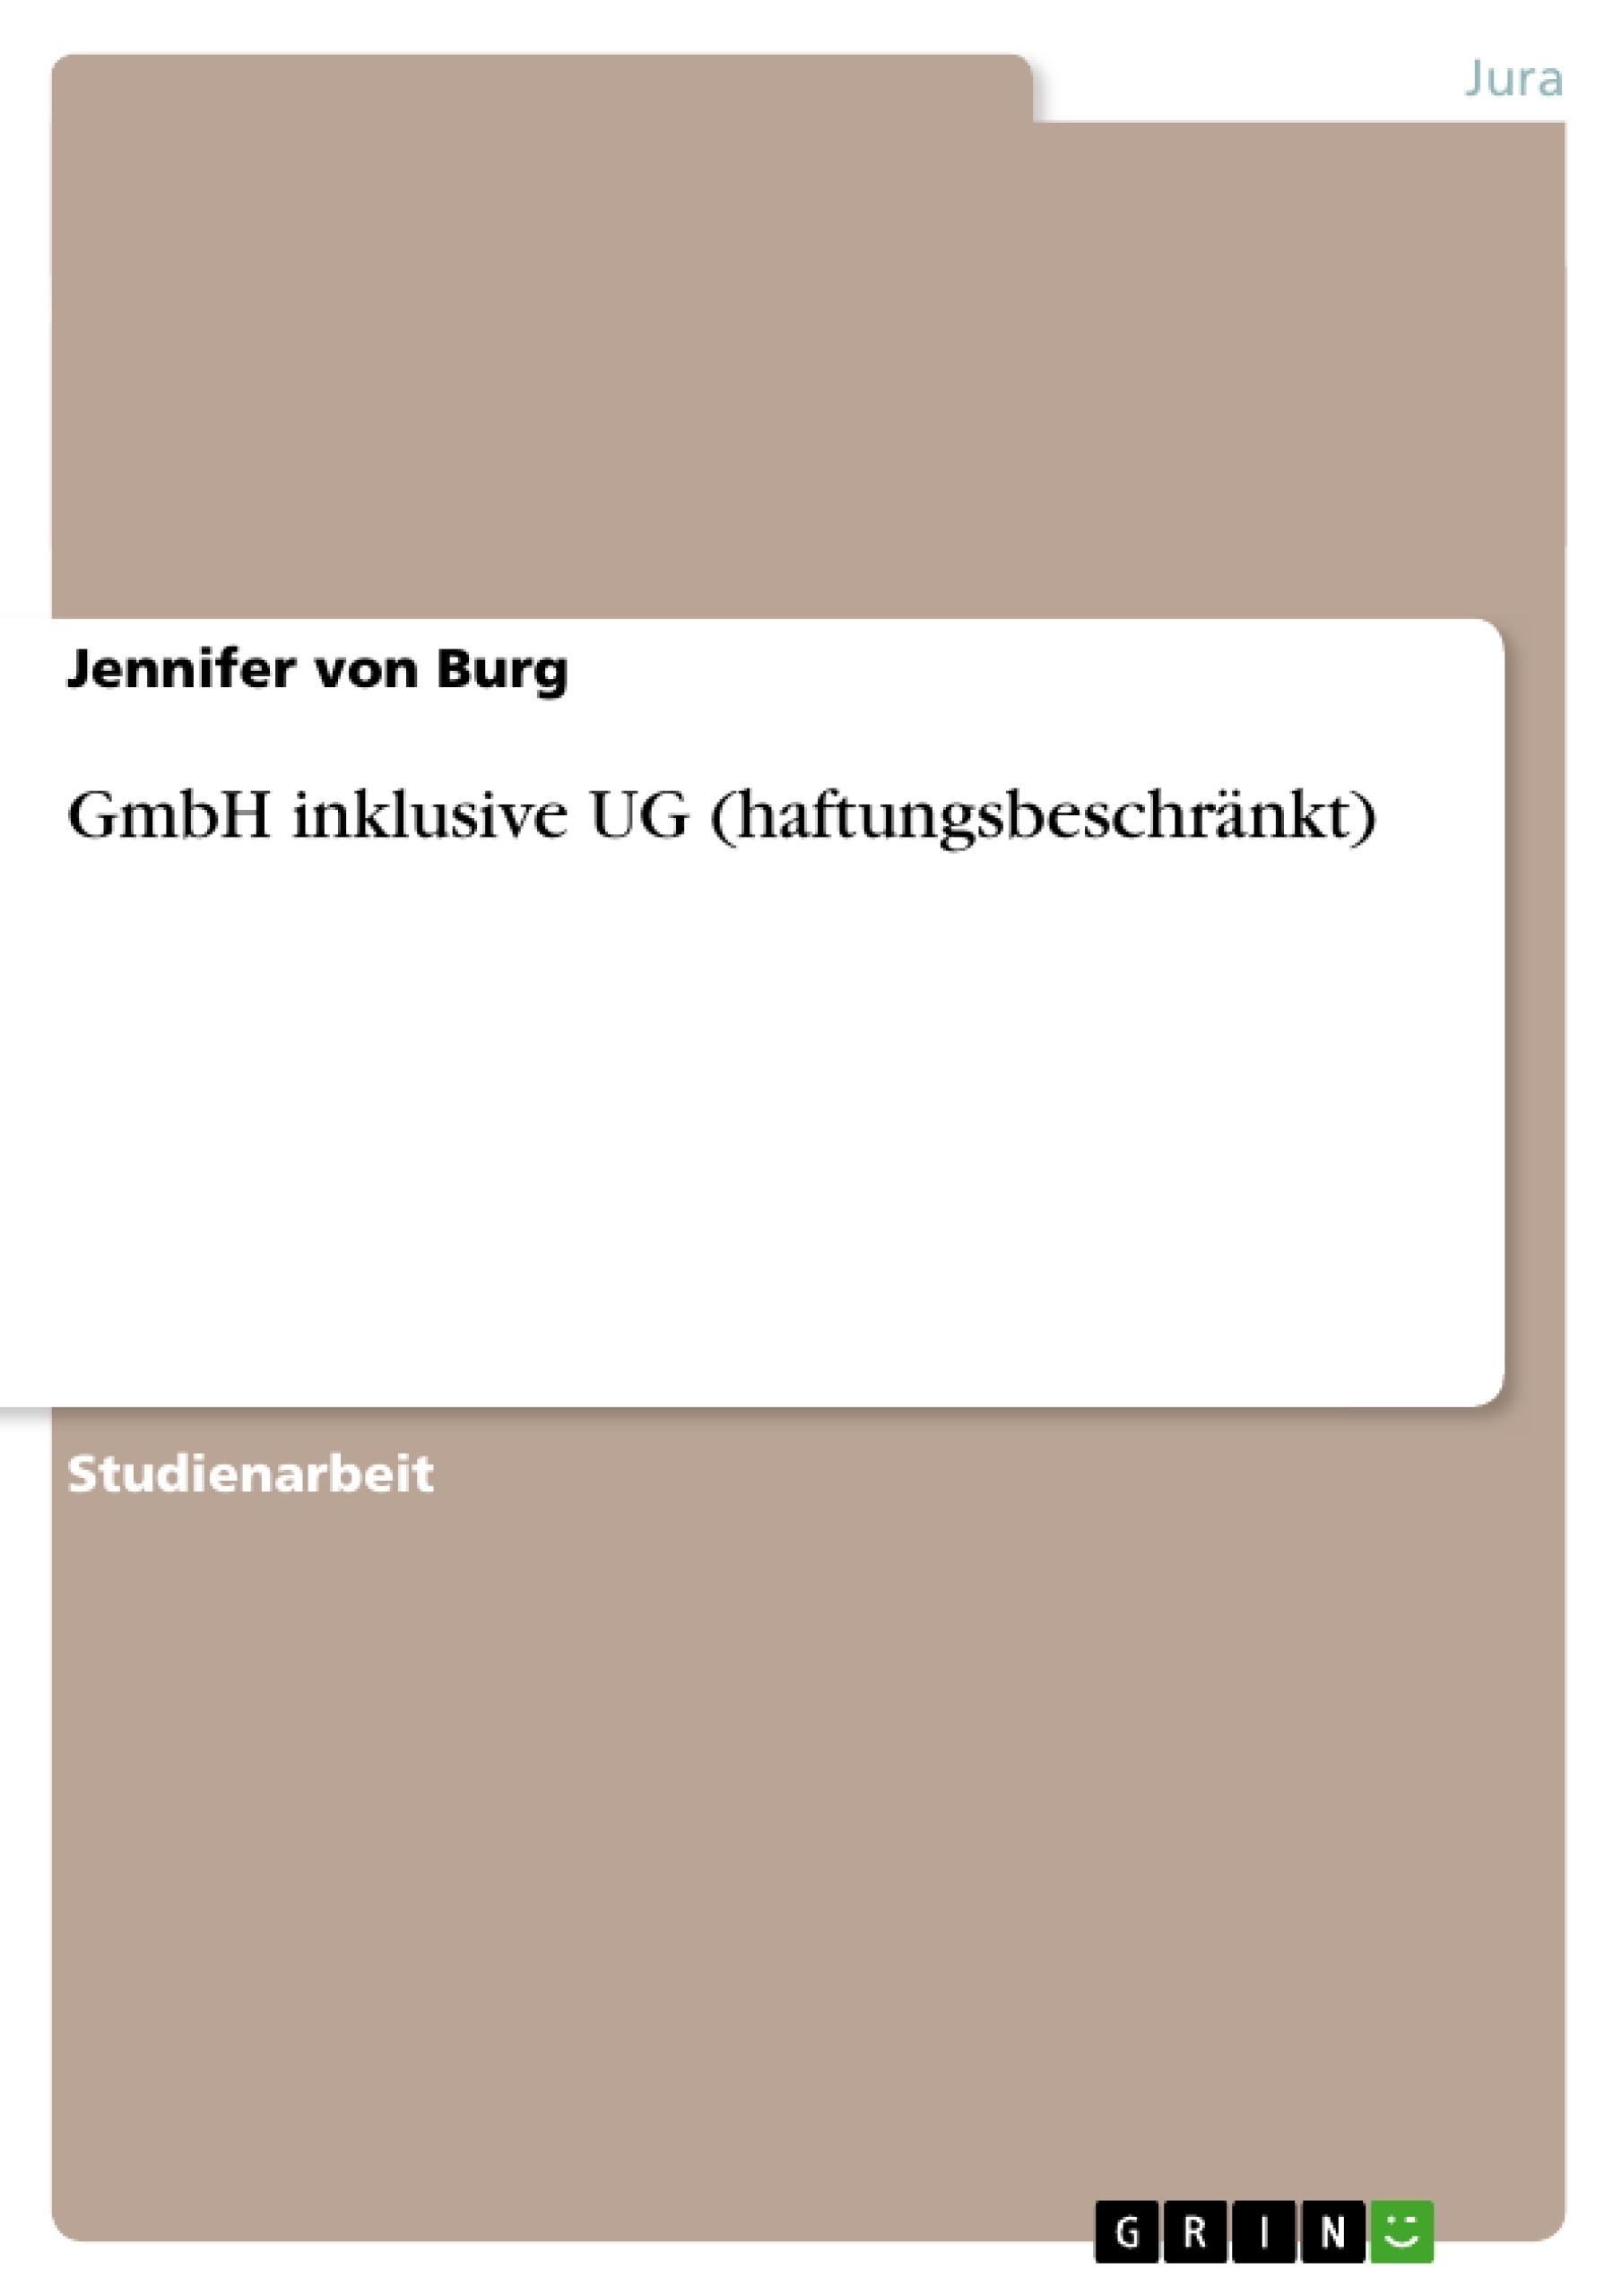 Titel: GmbH inklusive UG (haftungsbeschränkt)